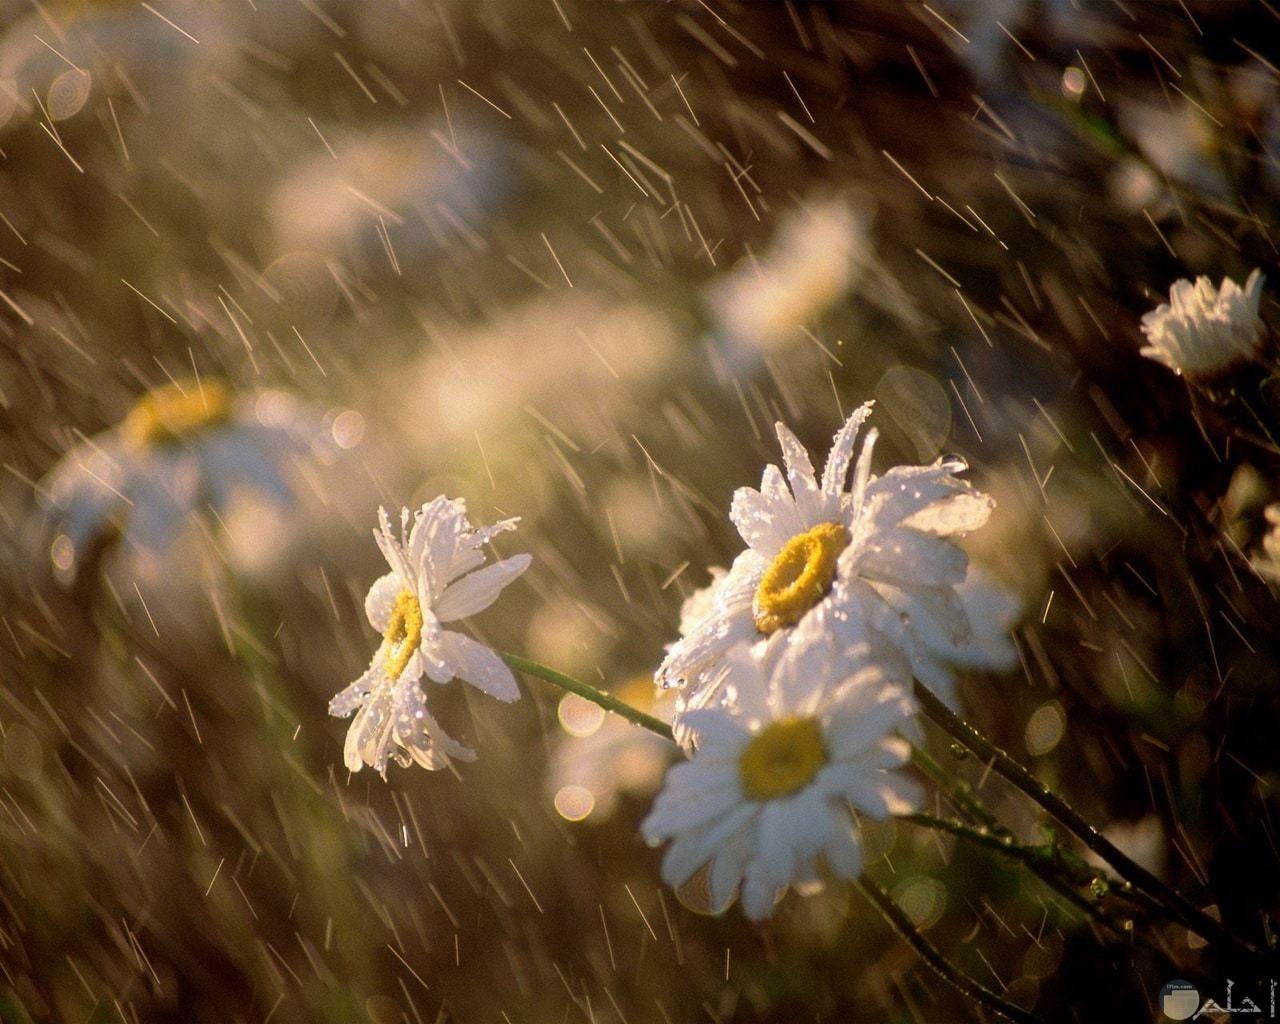 مطر يعزف على أوراق الزهور.